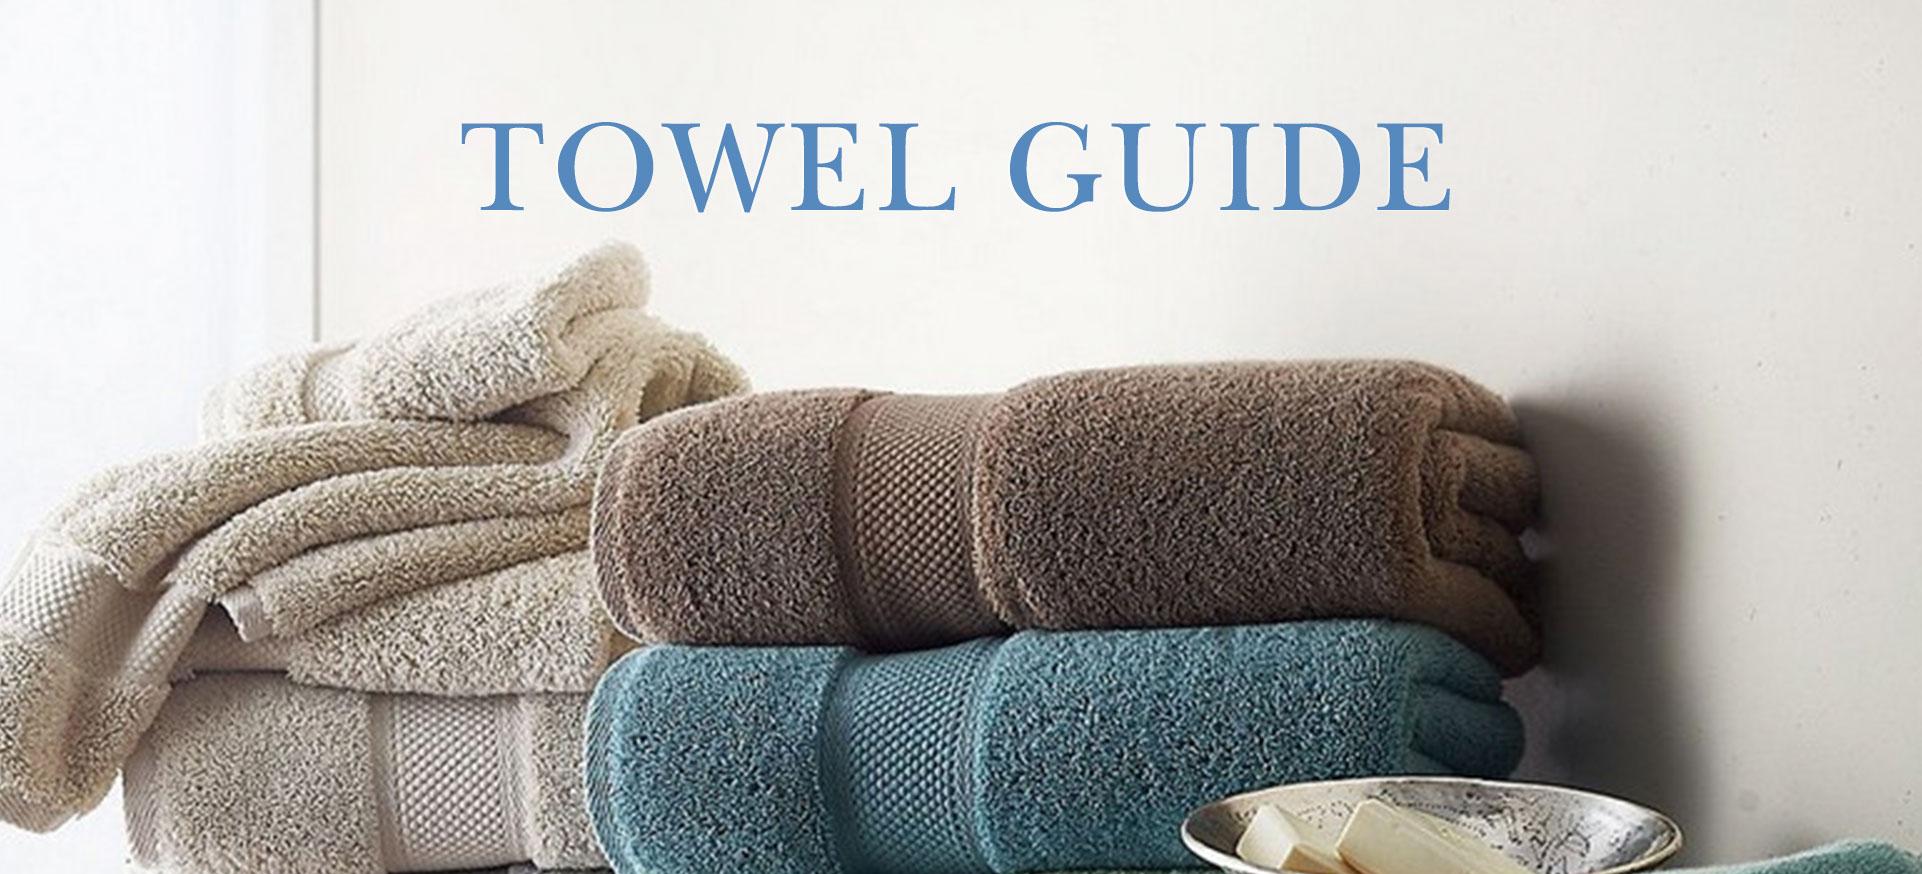 Towel Guide